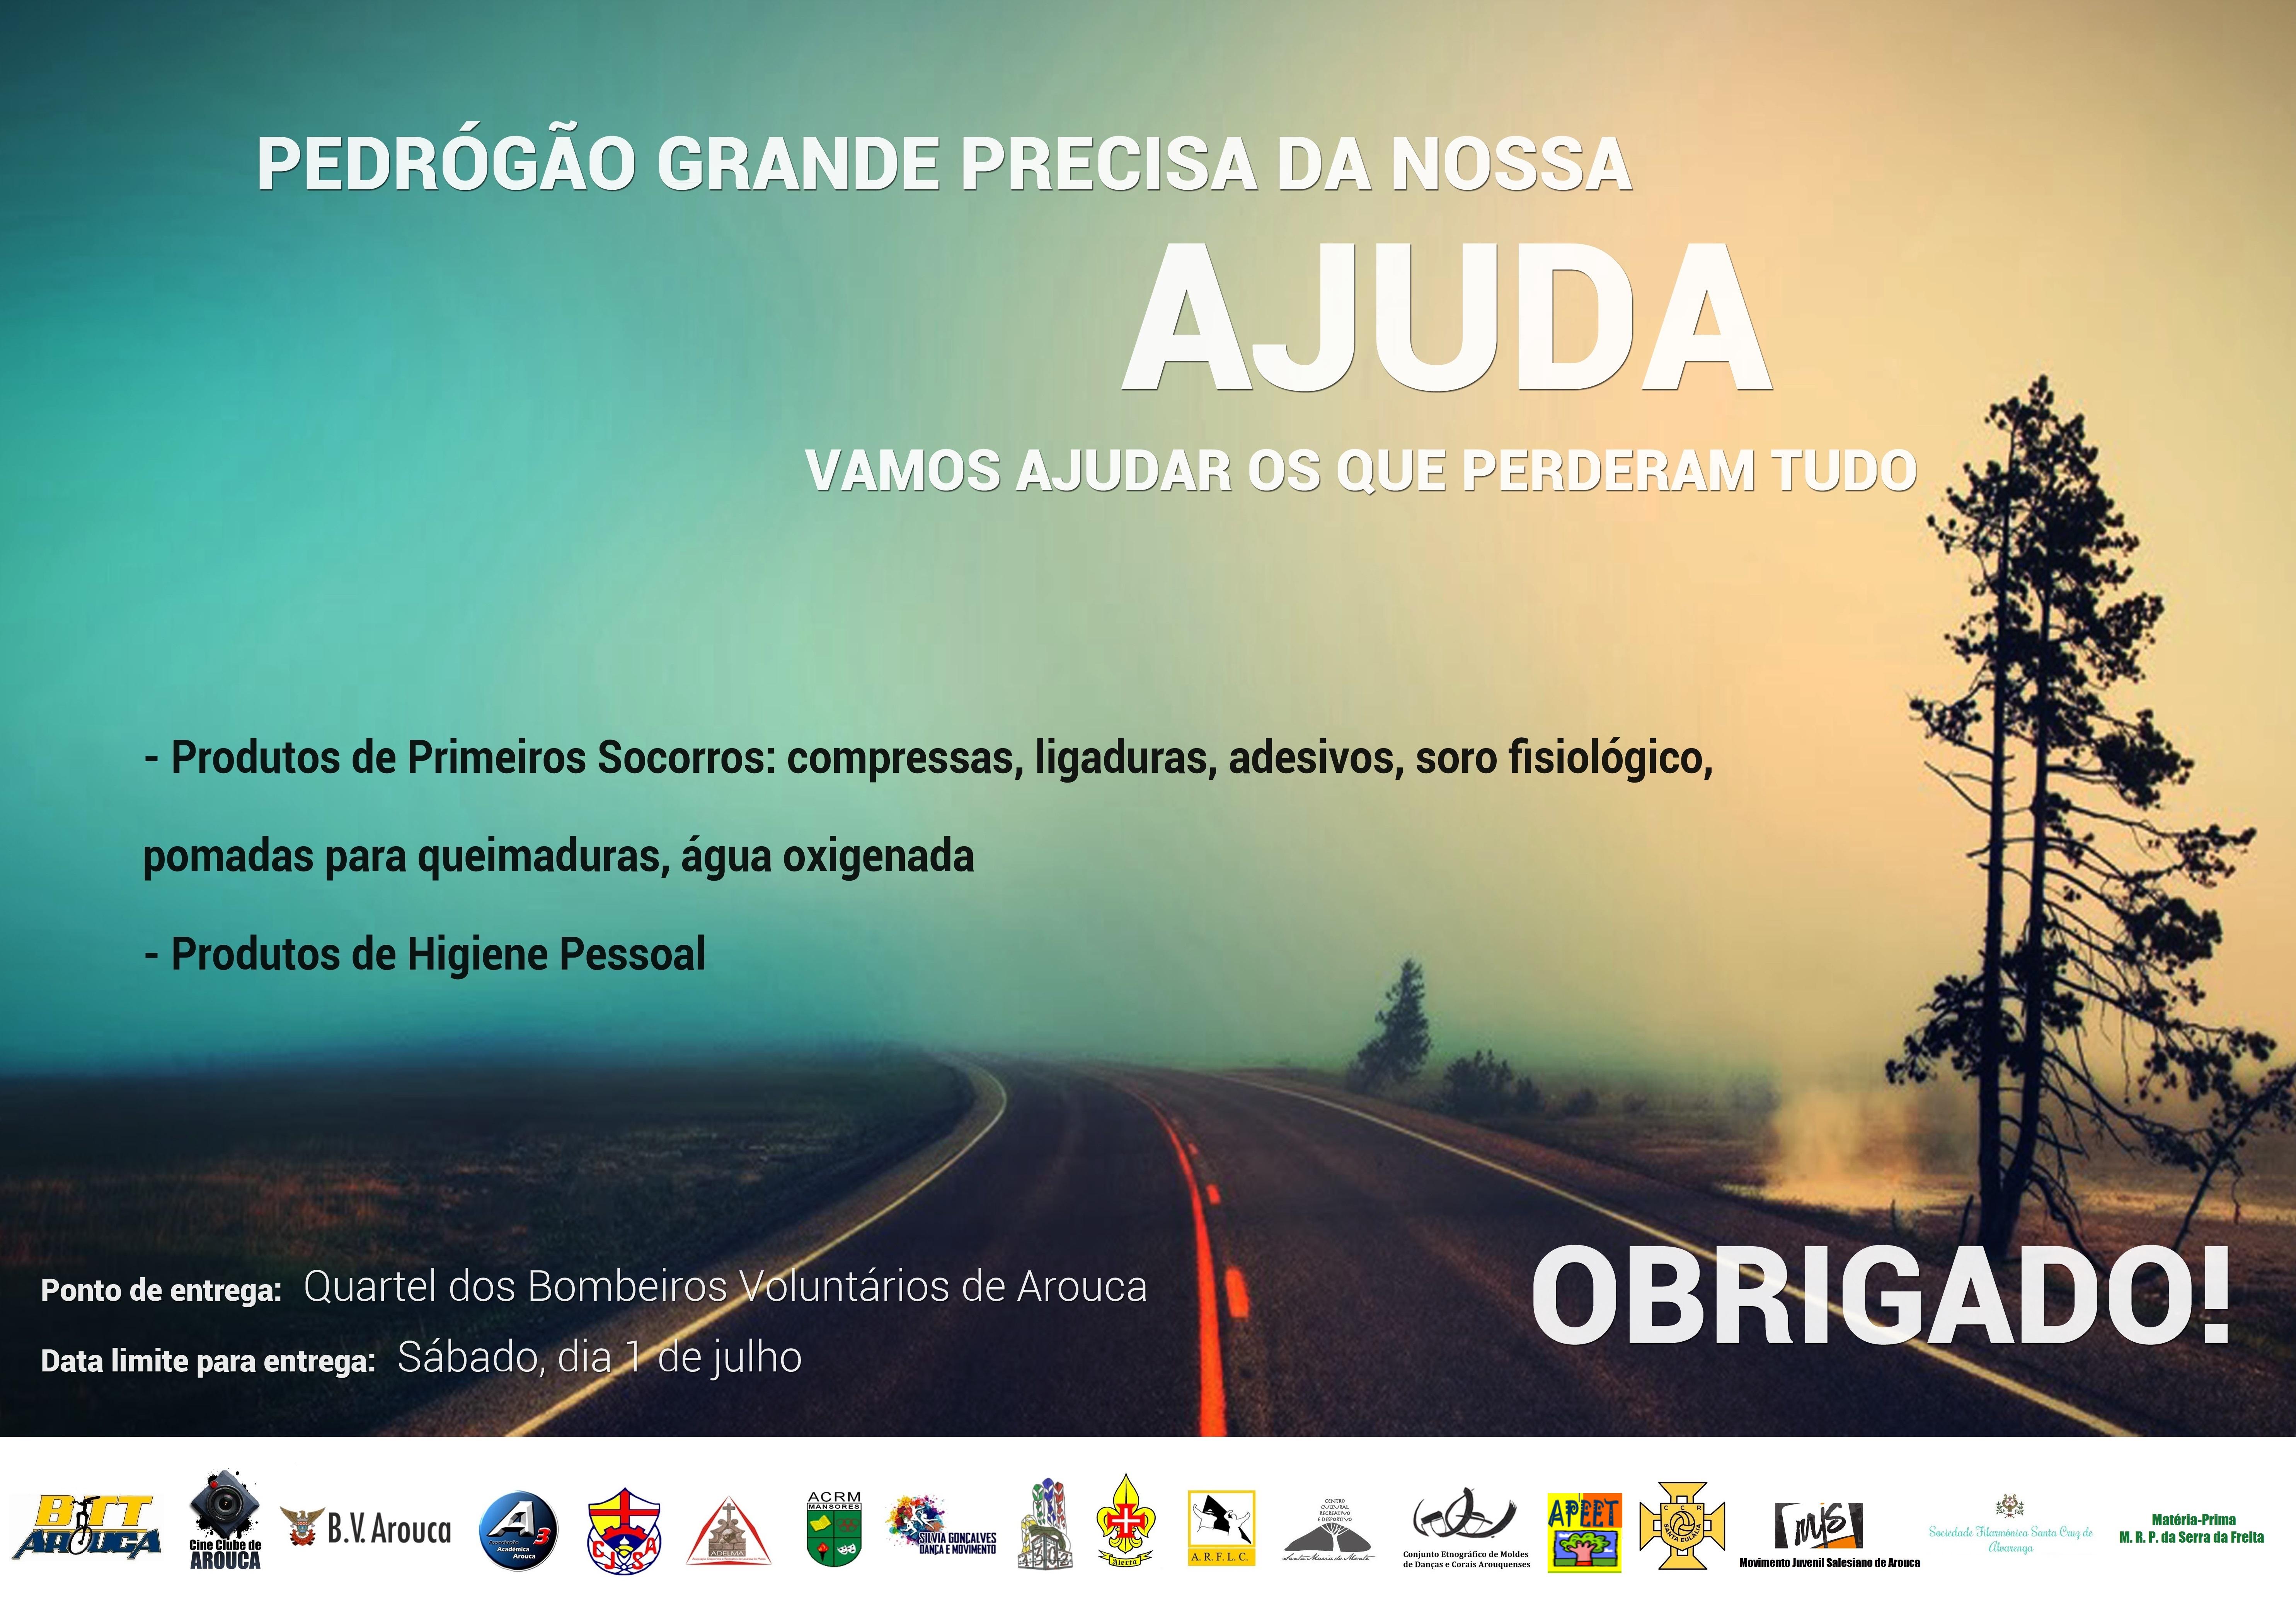 Arouca unida por Pedrogão Grande